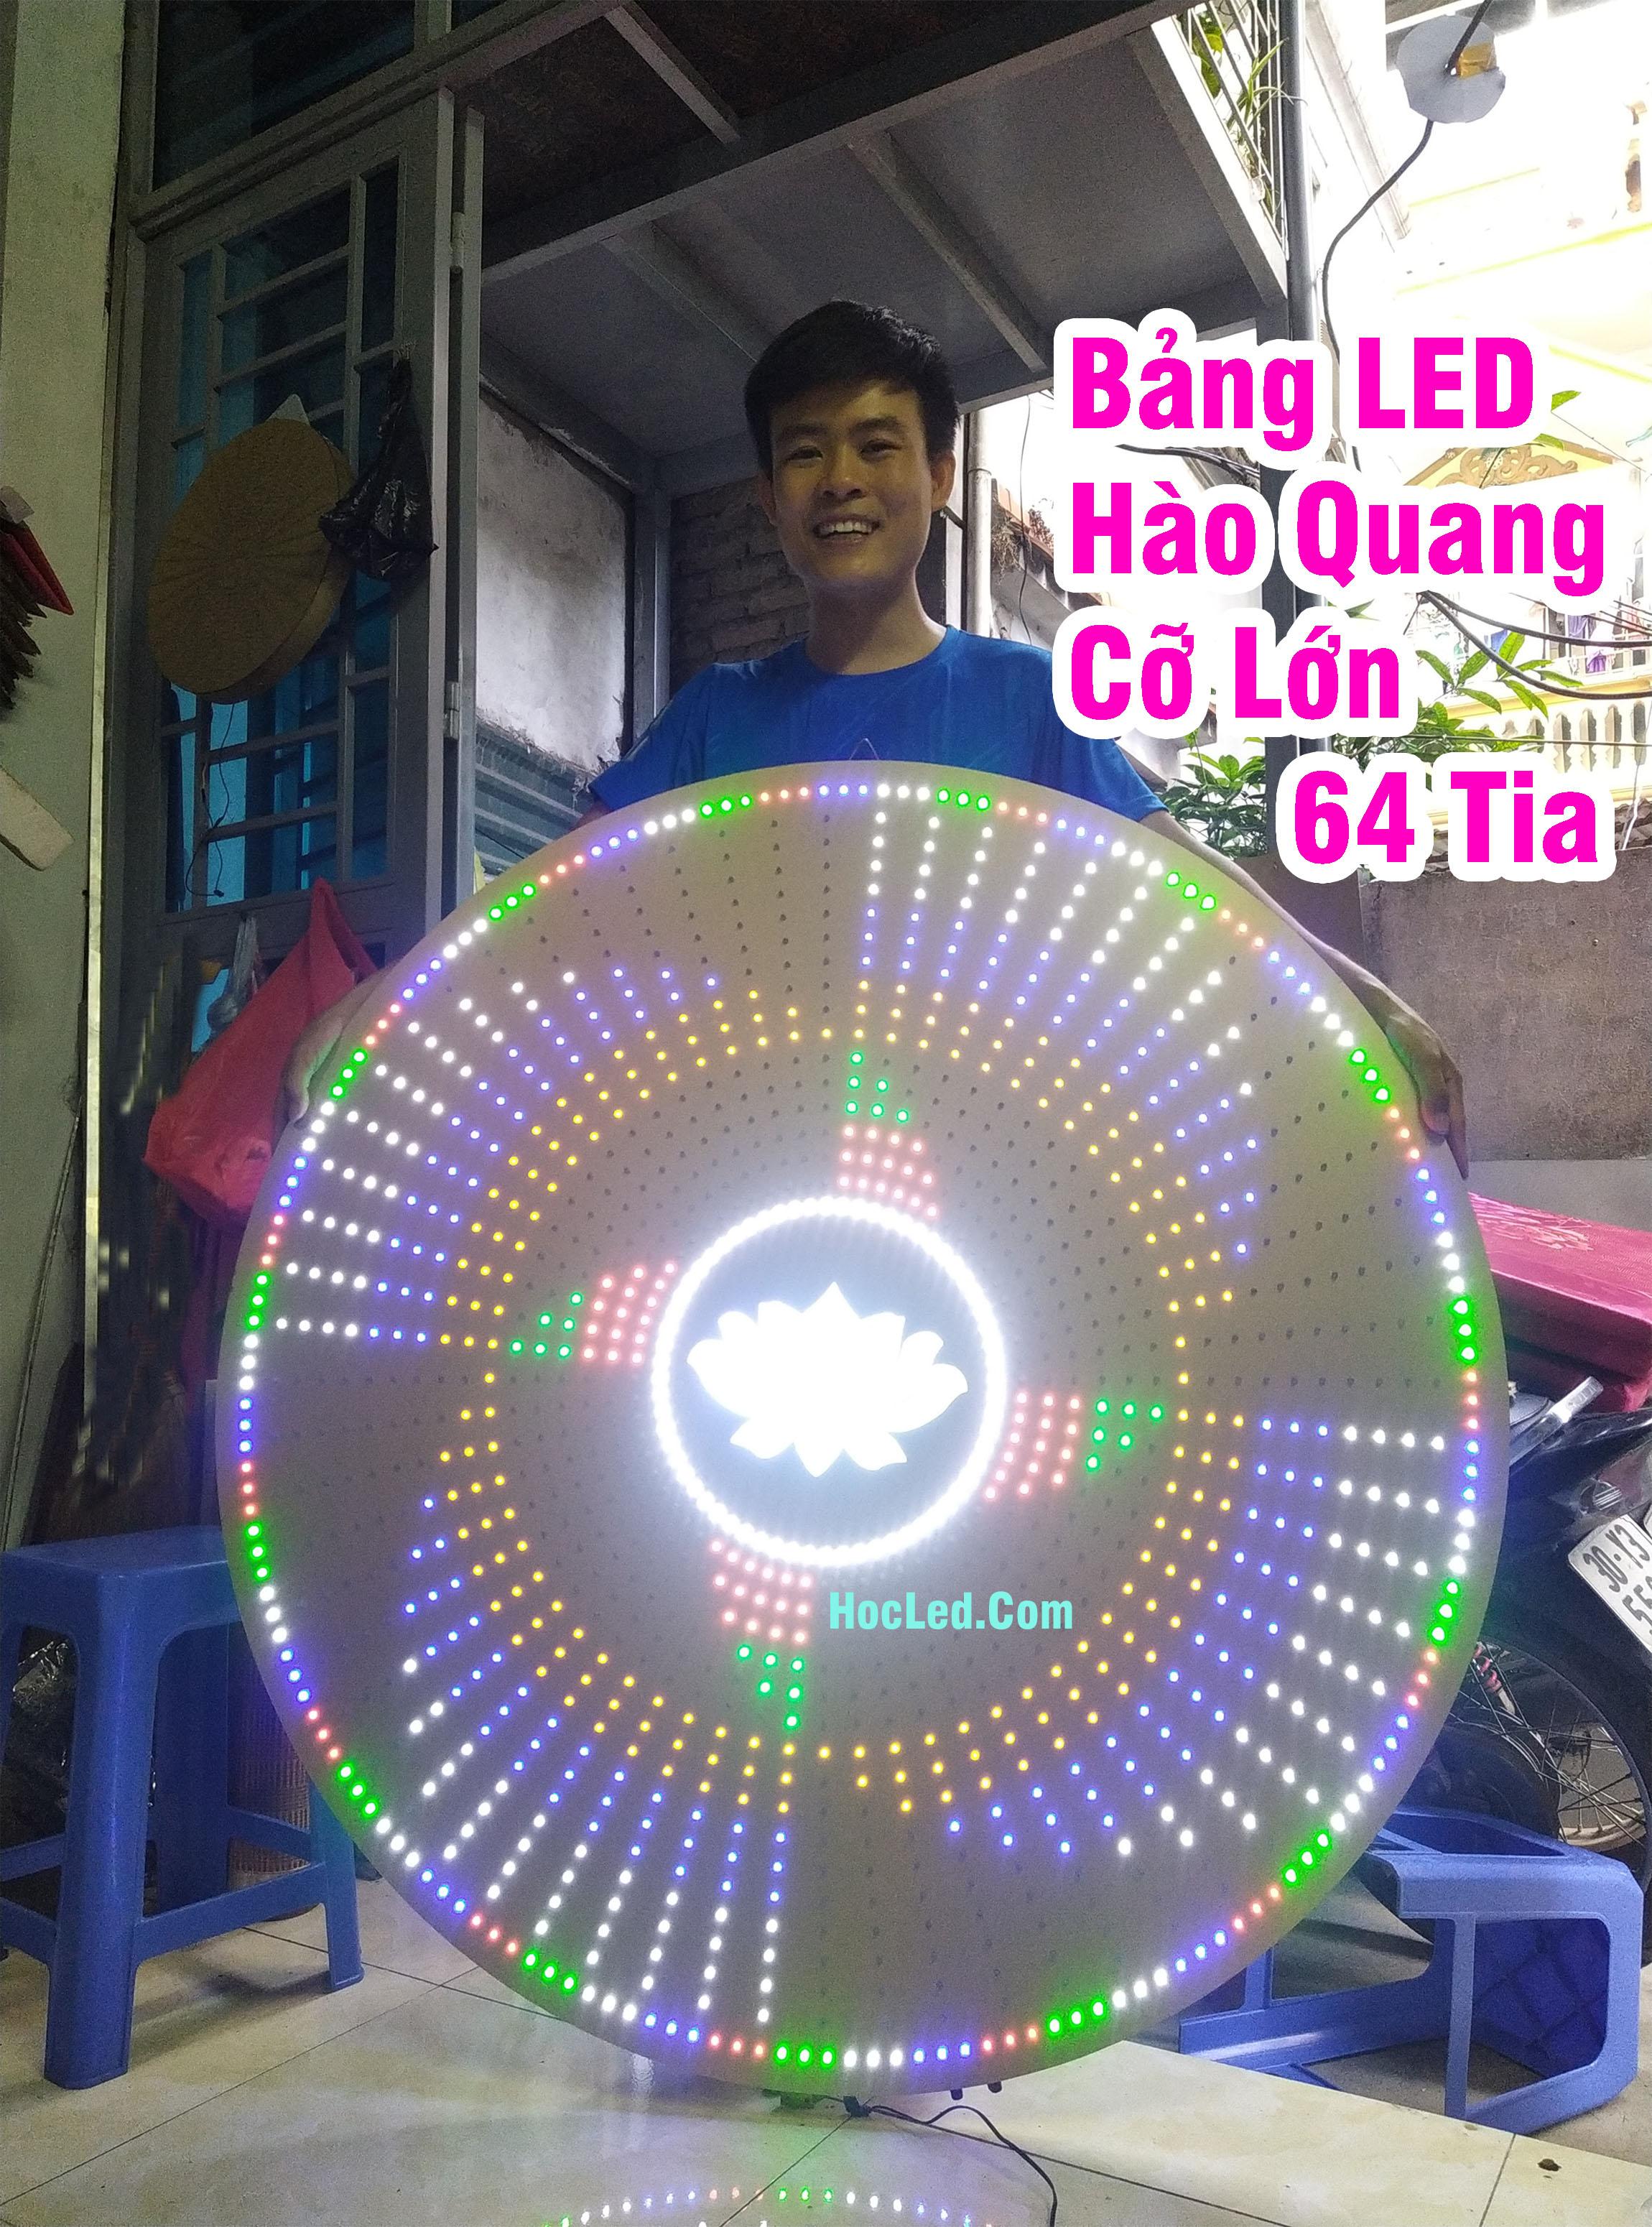 đèn hào quang phật đẹp nhất 64 tia